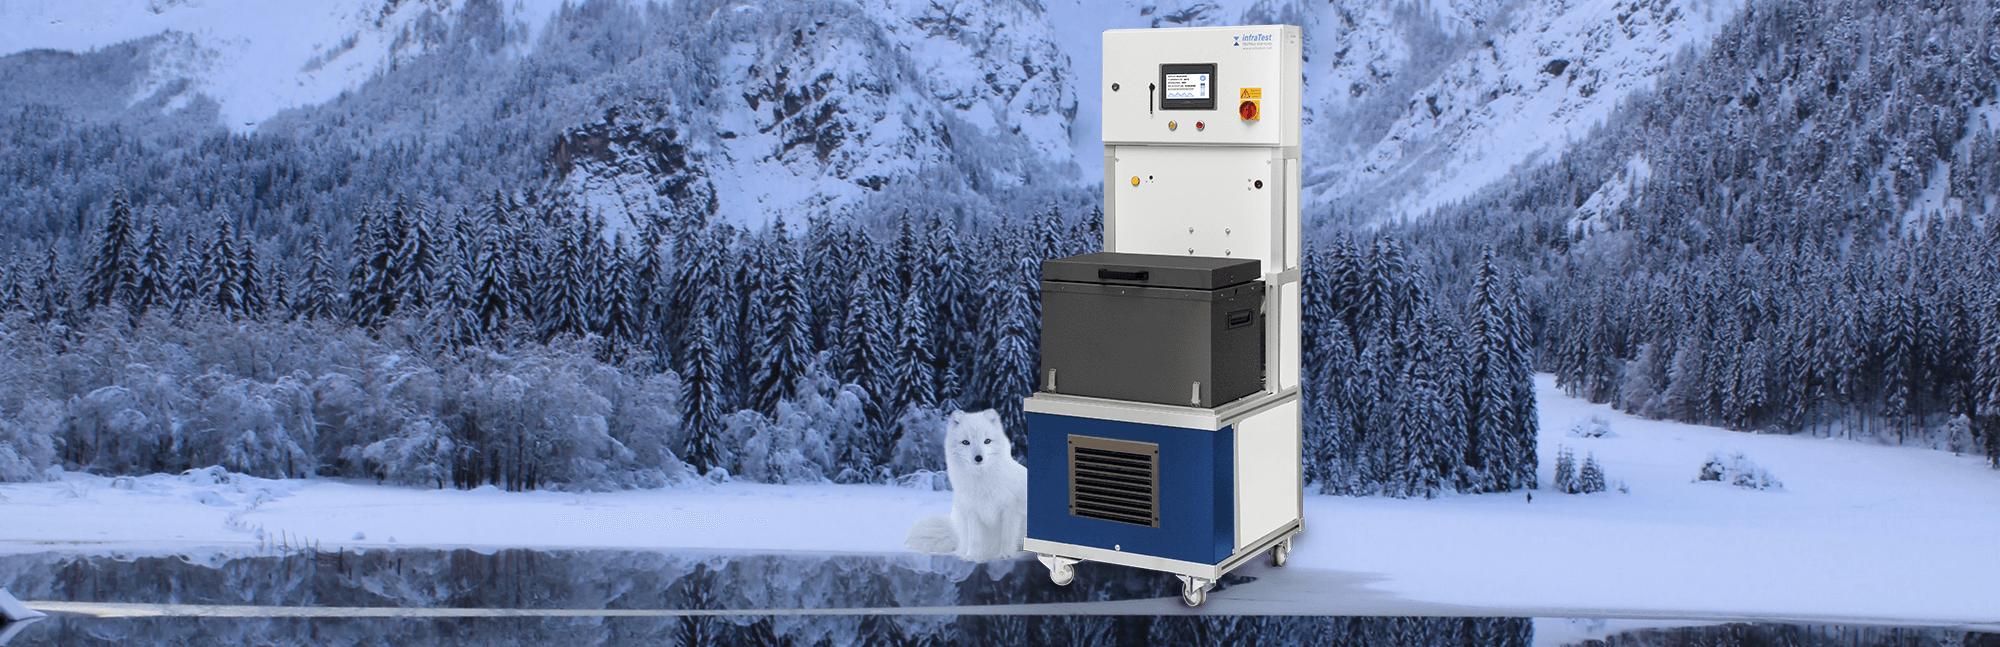 Kältetechnik Tiefkühlschrank Laborgefrierschrank Tieftemperatur Corona Impfstoff